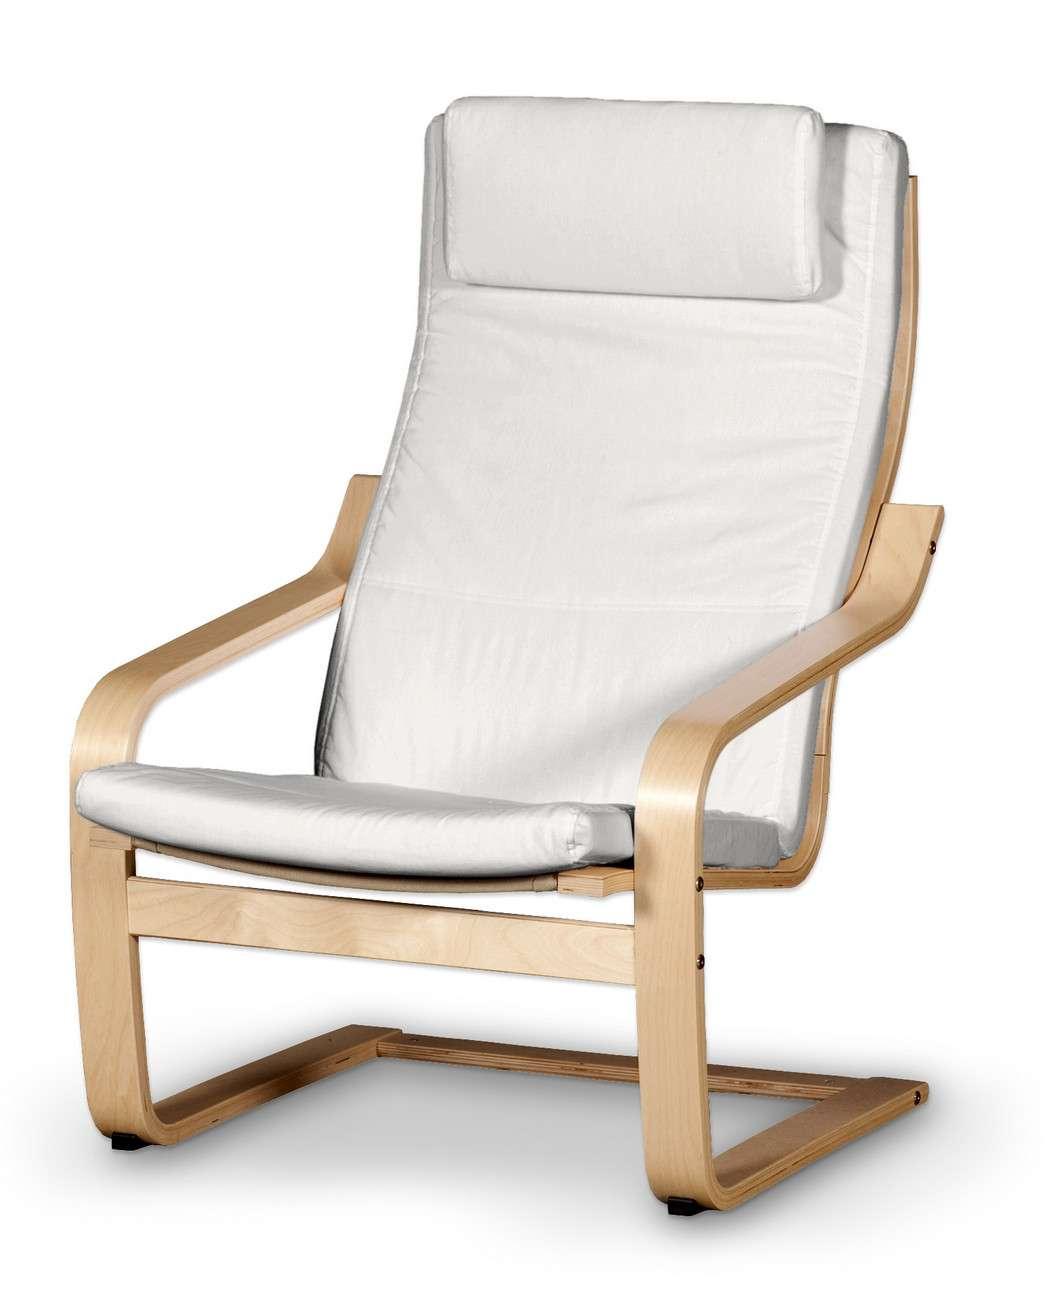 Poäng II  fotelio užvalkalas (su nuimama pagalvėle) Poäng II fotelis su nuimama pagalvėle kolekcijoje Cotton Panama, audinys: 702-34